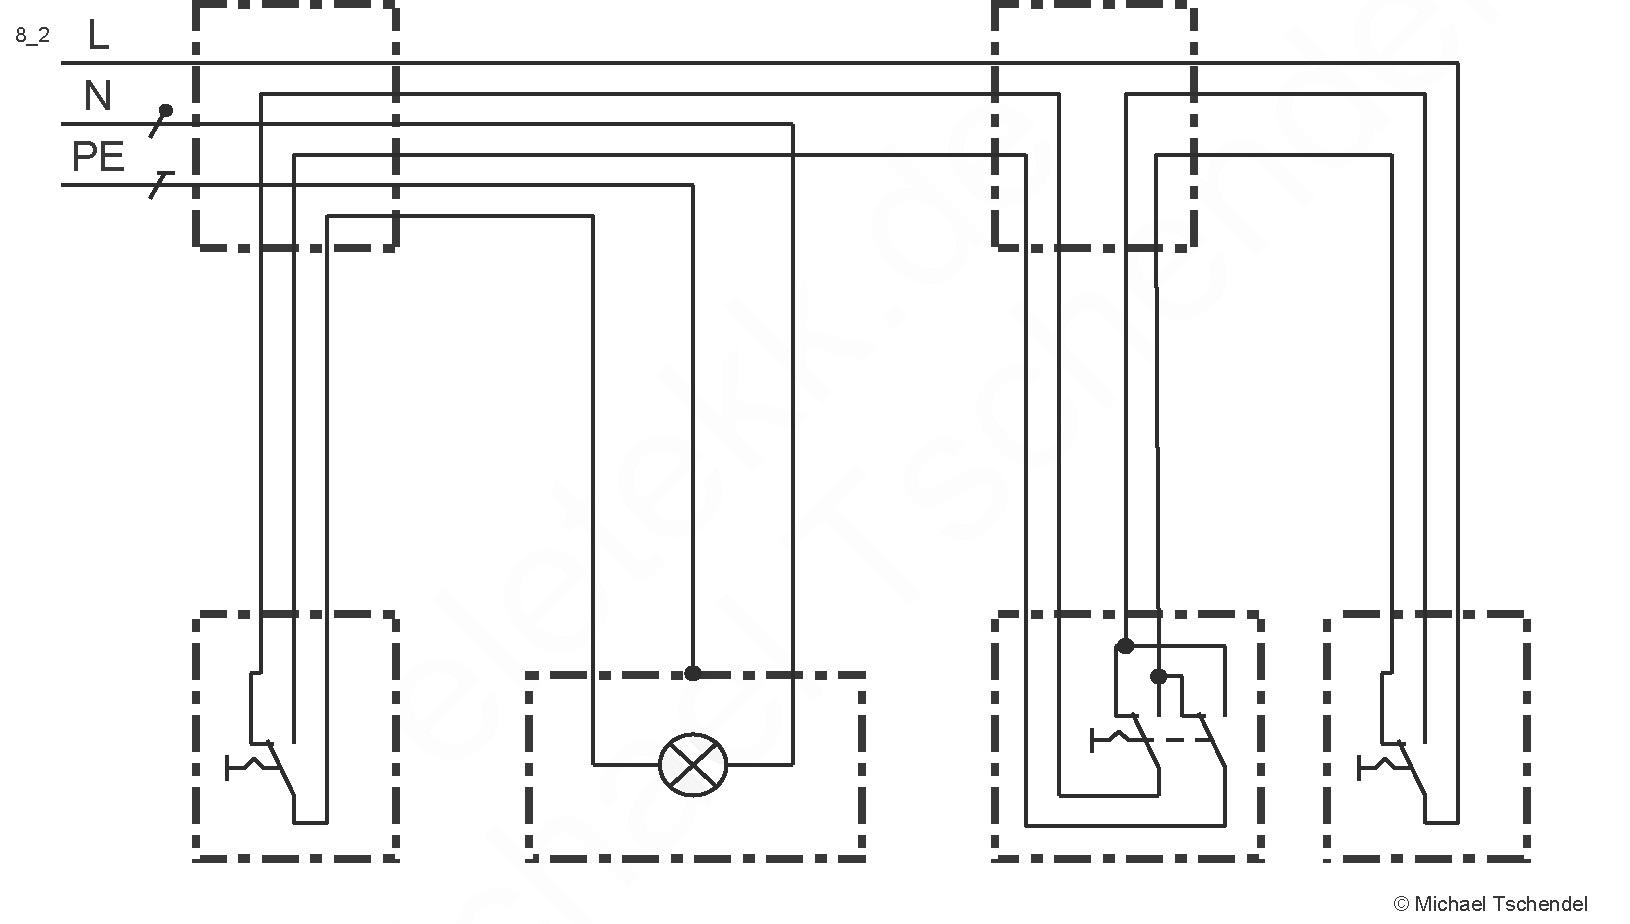 kreuzschaltung eine kreuzschaltung wird ben tigt 1 2 do. Black Bedroom Furniture Sets. Home Design Ideas